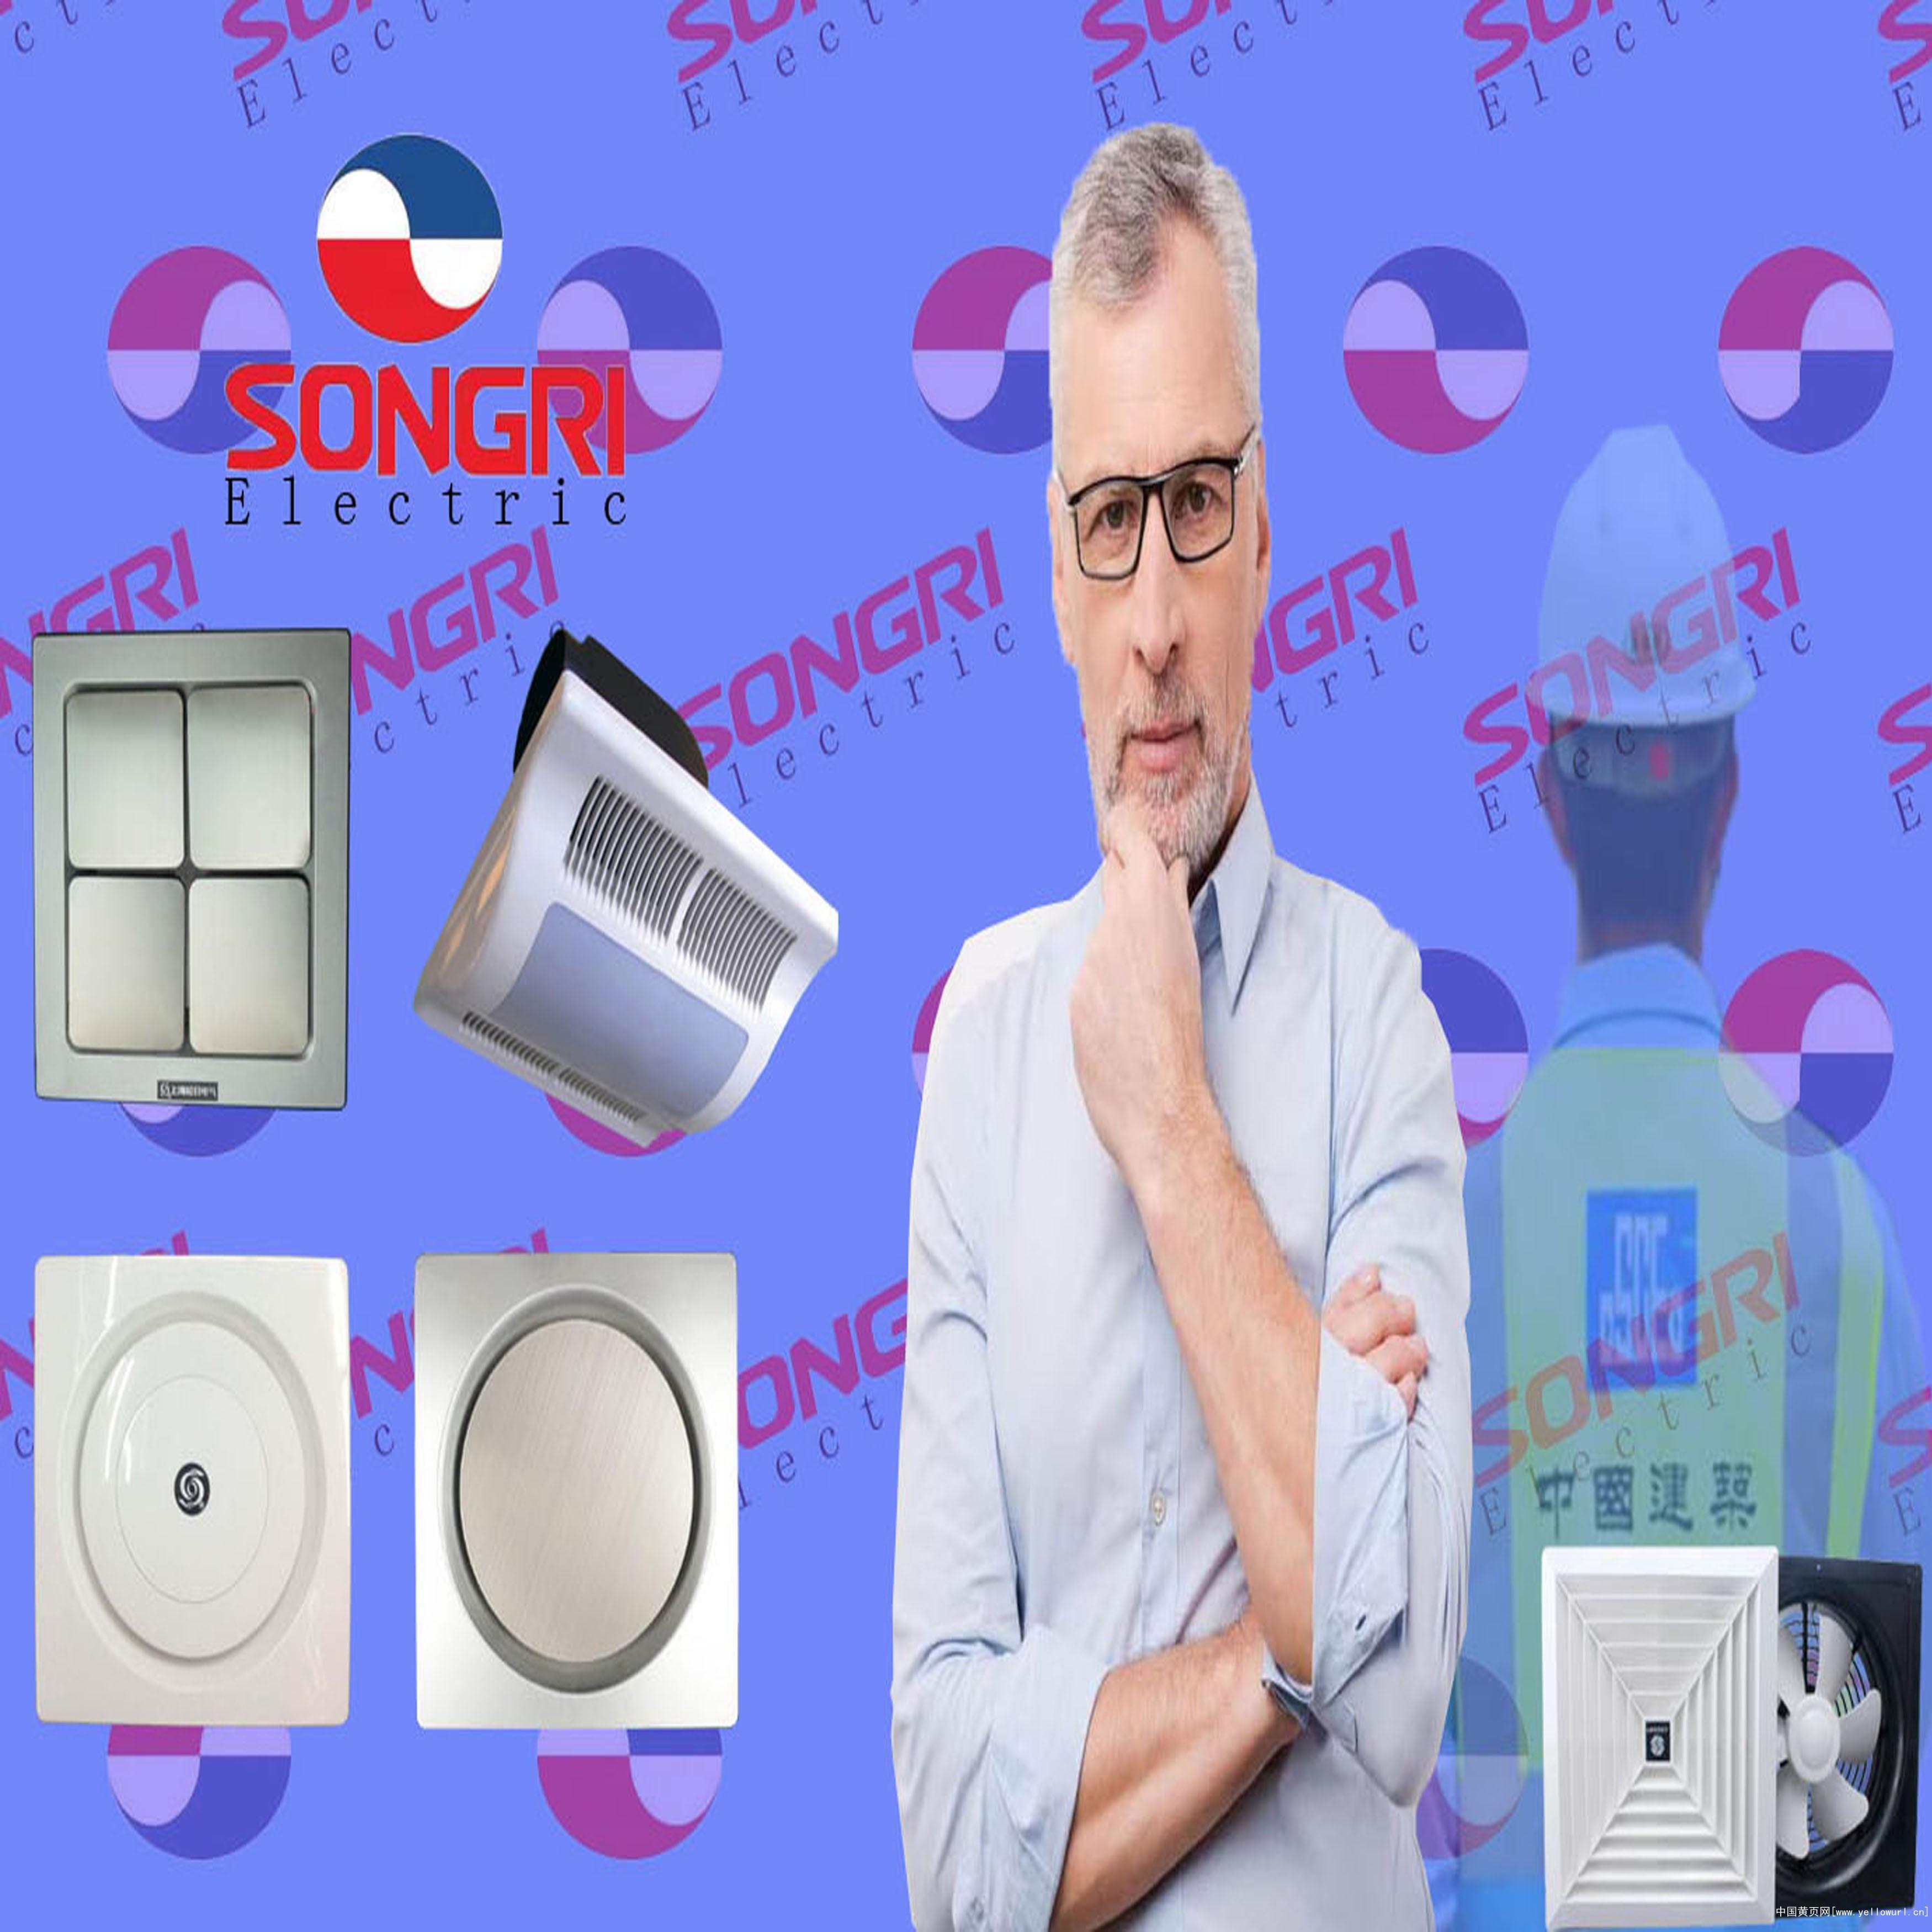 上海松日排气扇8寸不锈钢面板吸顶换气扇吊顶排气通风机